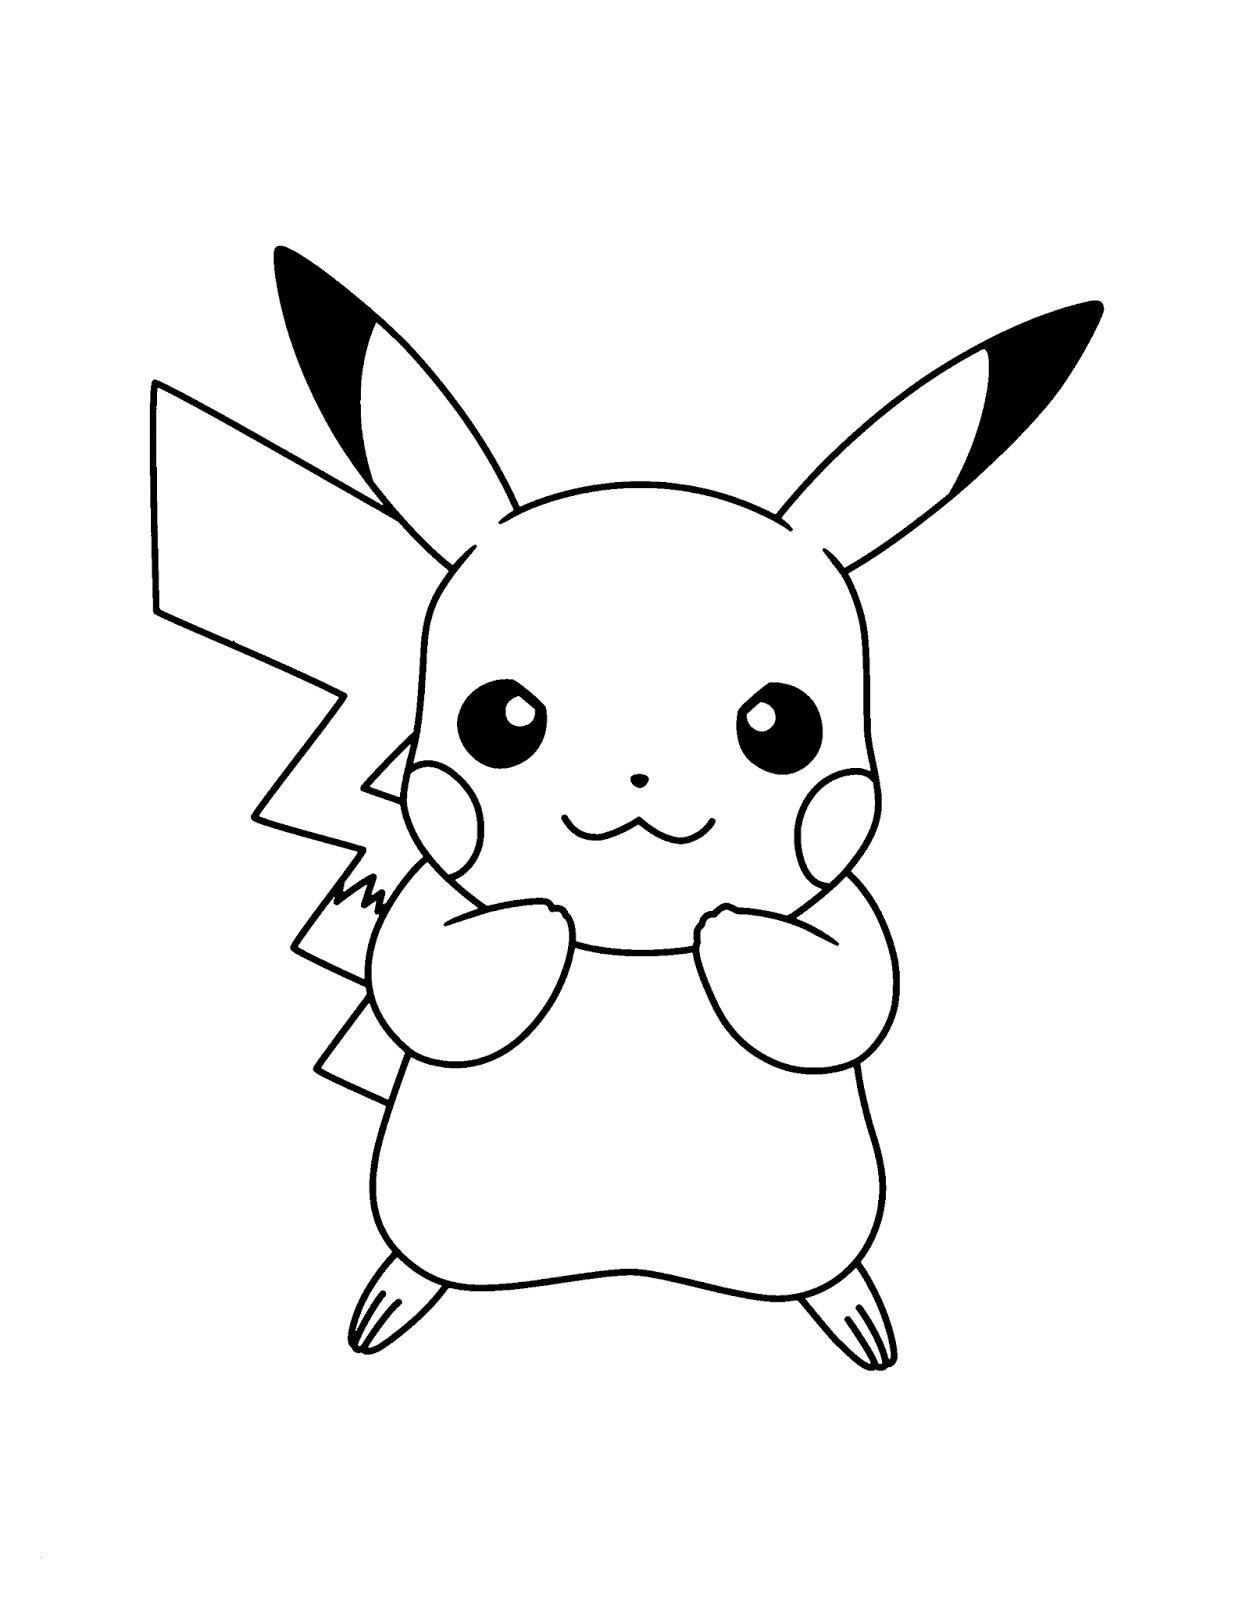 Kostenlose Ausmalbilder Pokemon Frisch Malvorlagen Ostern Kostenlos Ausdrucken Luxus Pikachu Ausmalbild Galerie